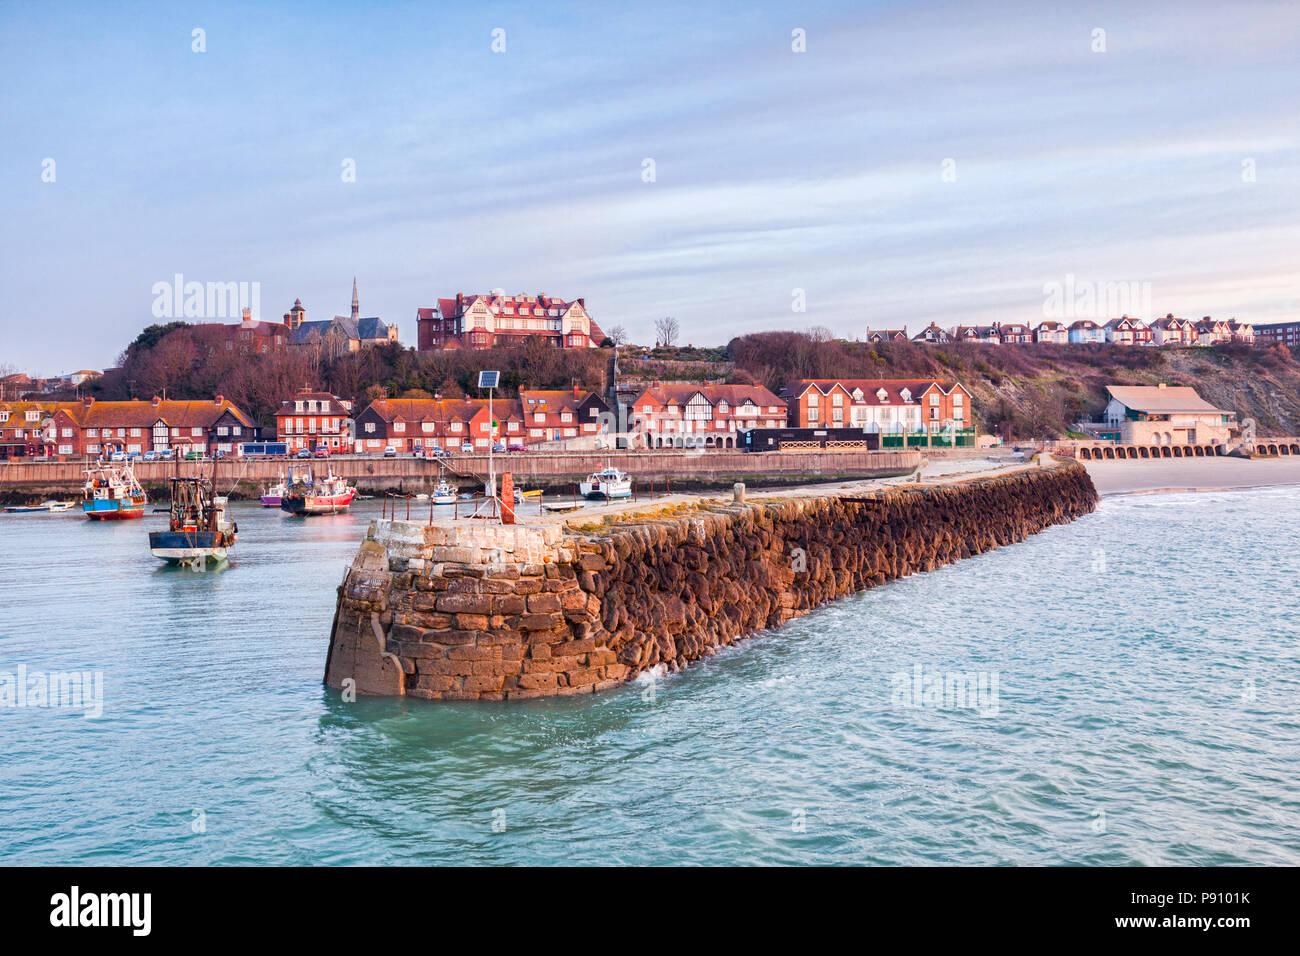 Folkestone Harbour, Kent, England, UK. - Stock Image